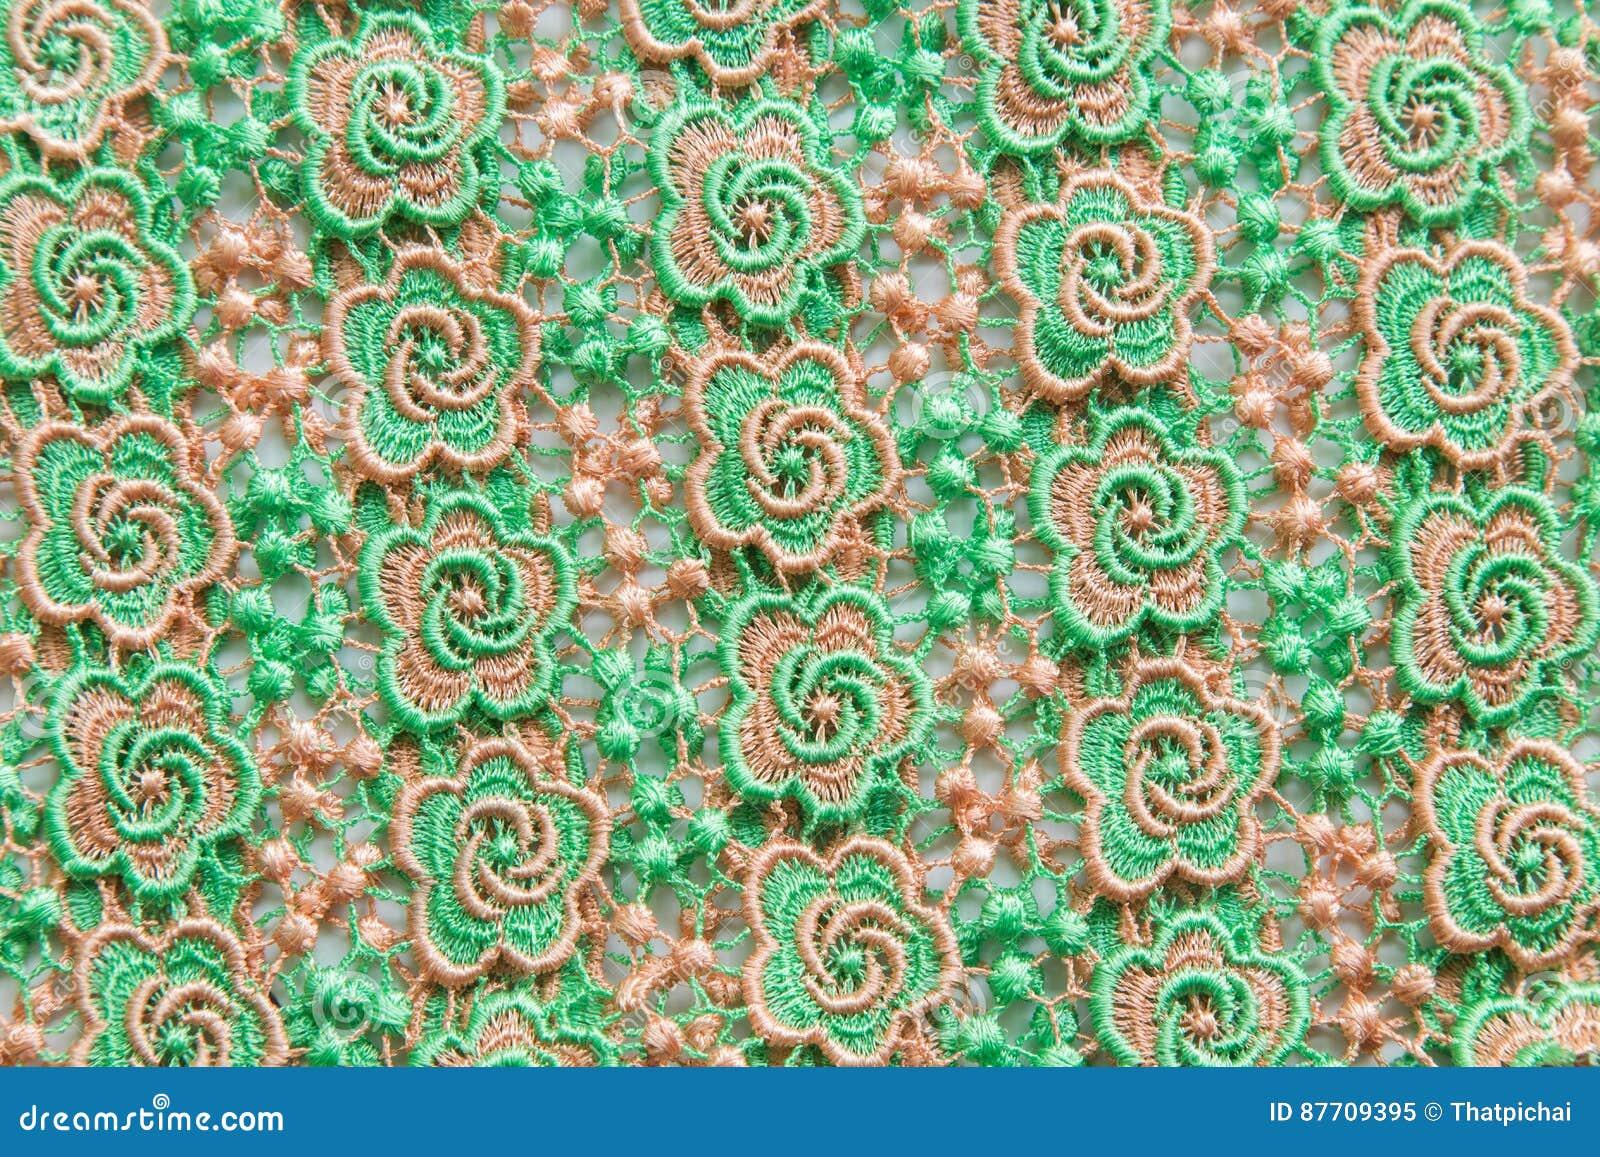 Dentelle verte sur le fond blanc Aucune n importe quelle marque déposée ou ne limitent la matière en cette photo